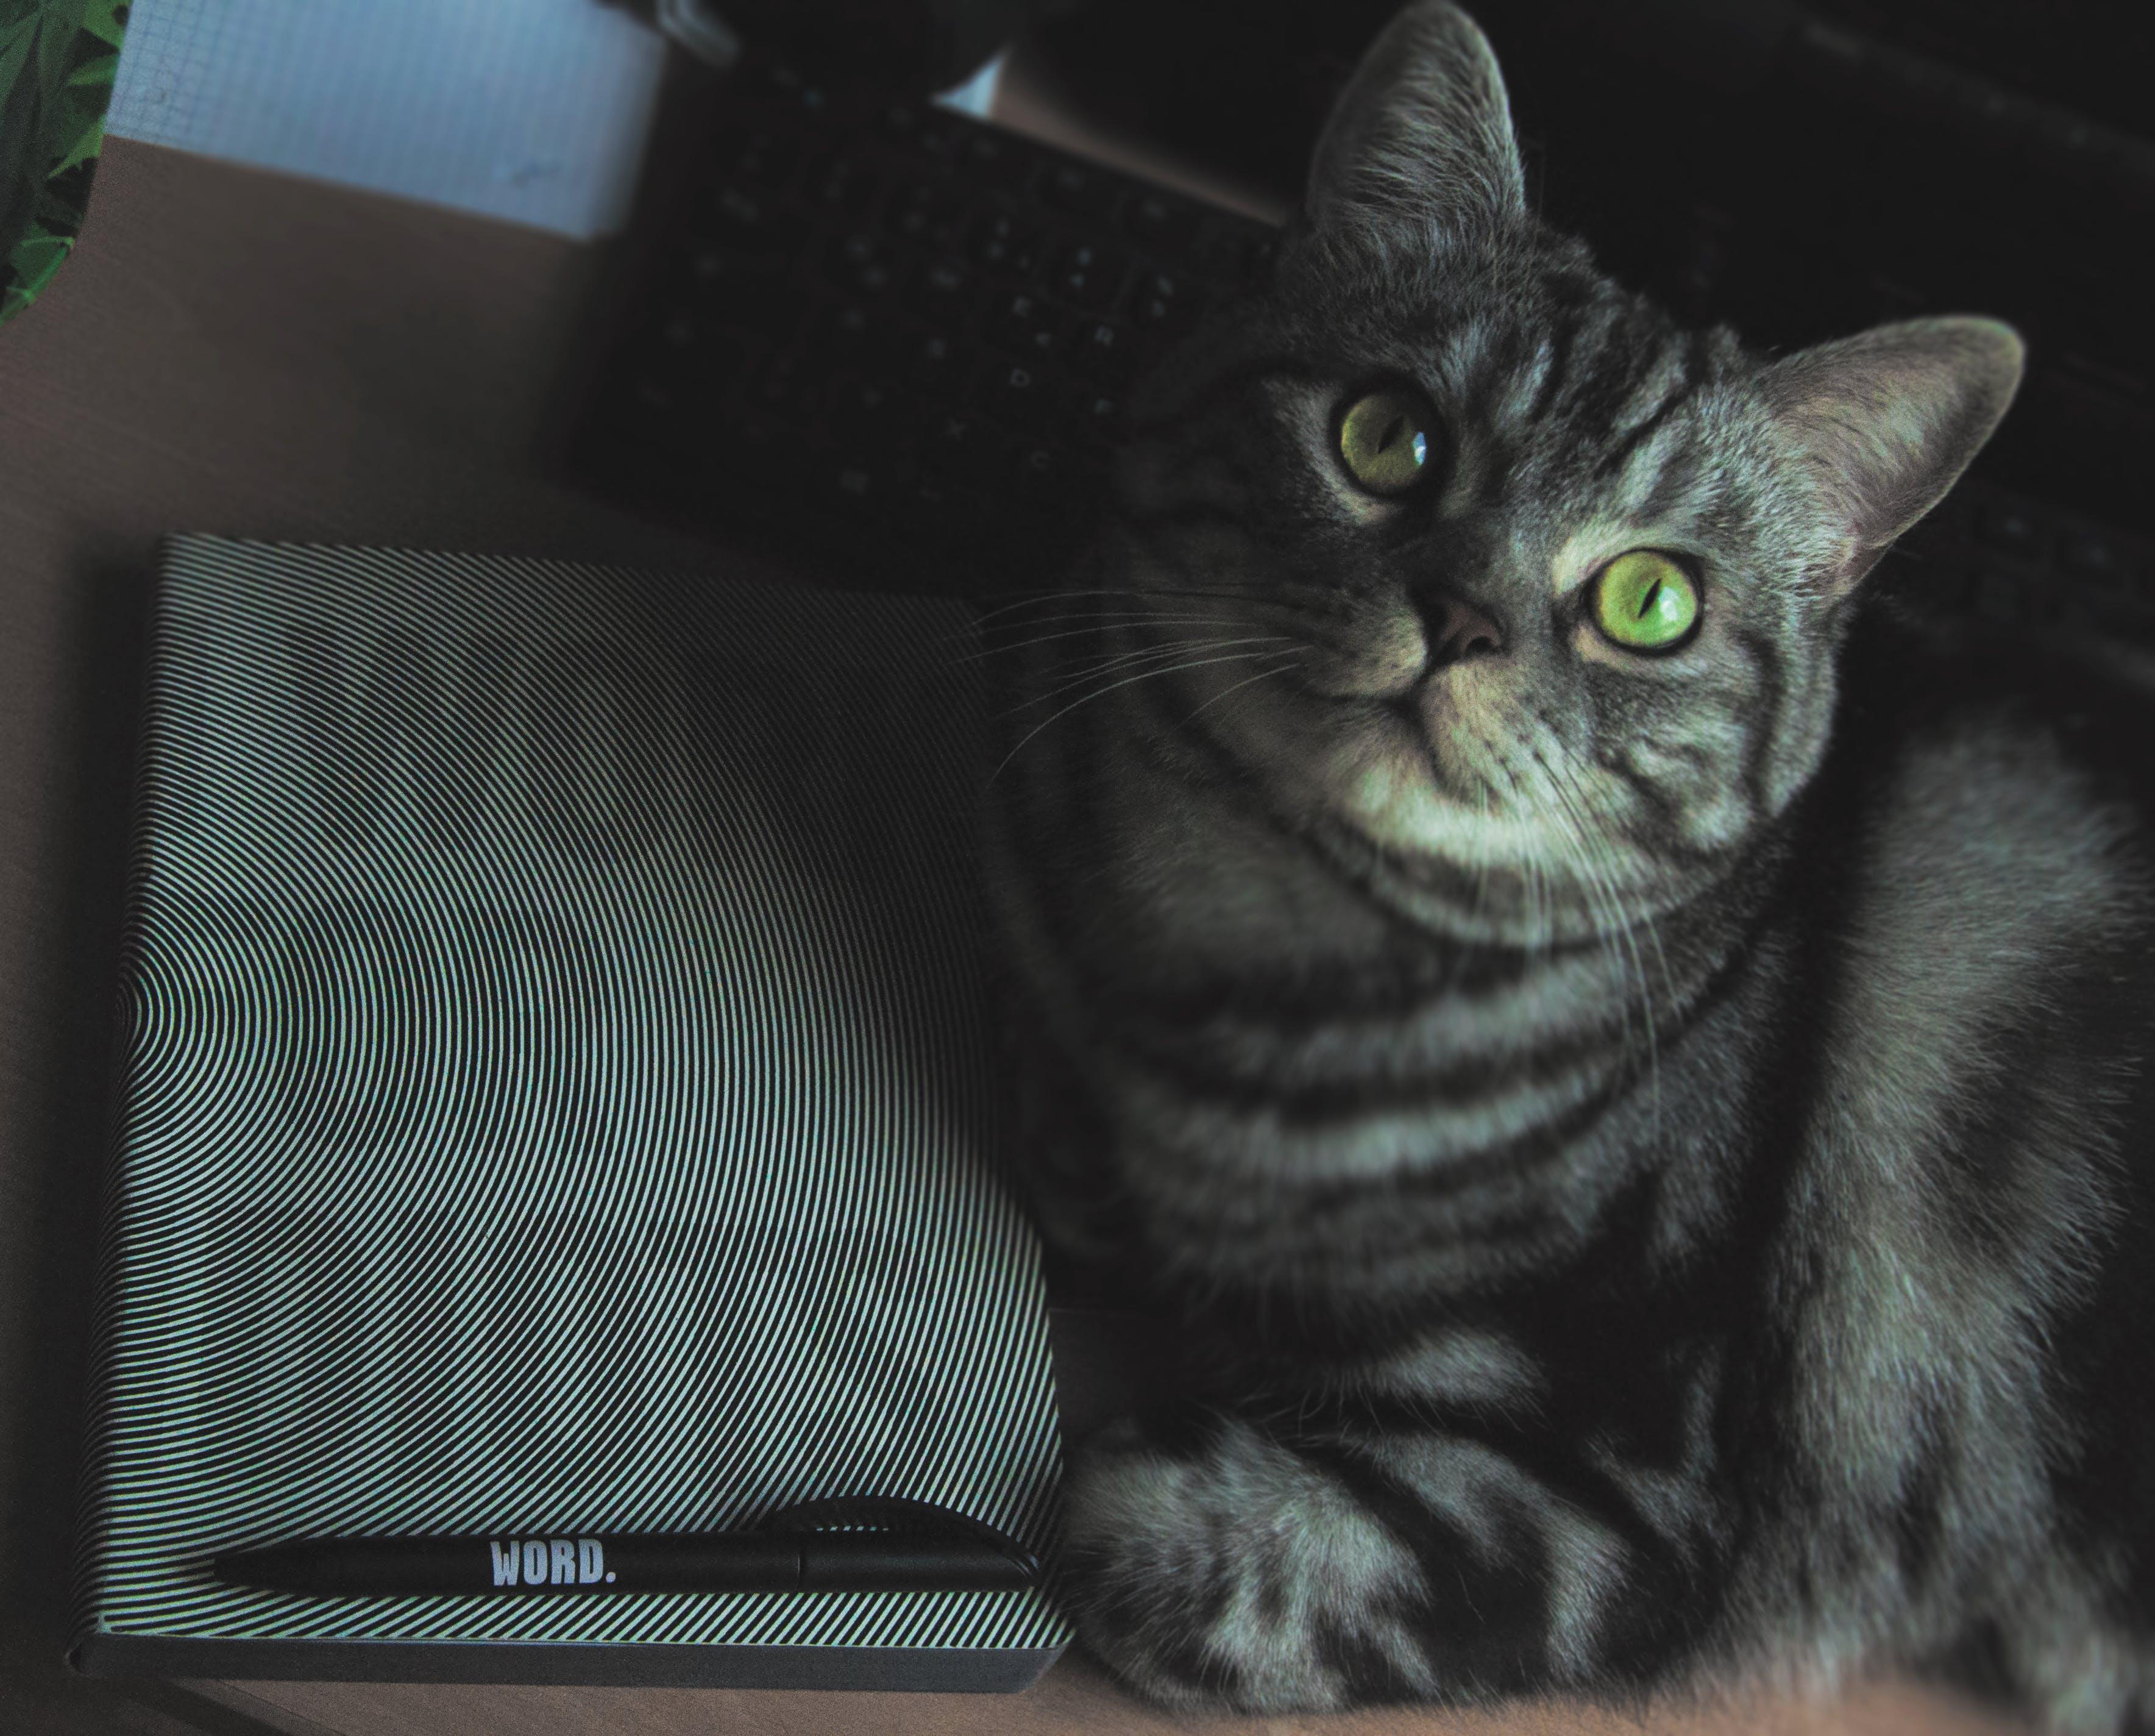 かわいらしい, ひげ, ぶち, キティの無料の写真素材